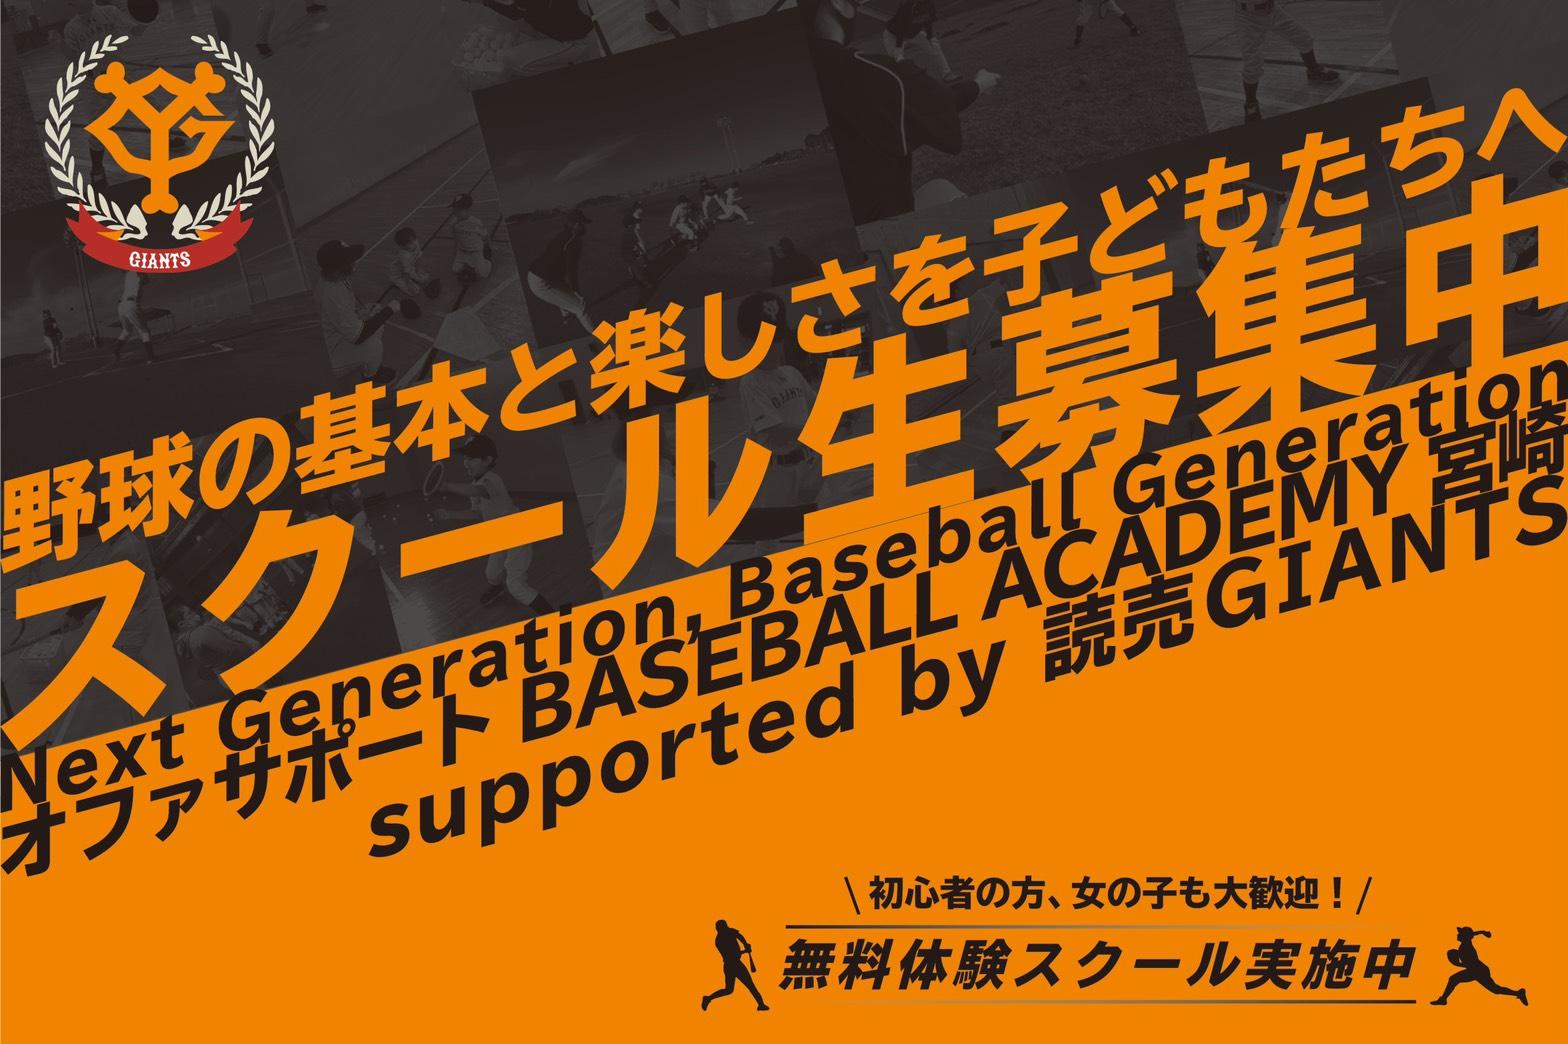 オファサポートBASEBALL ACADEMY宮崎